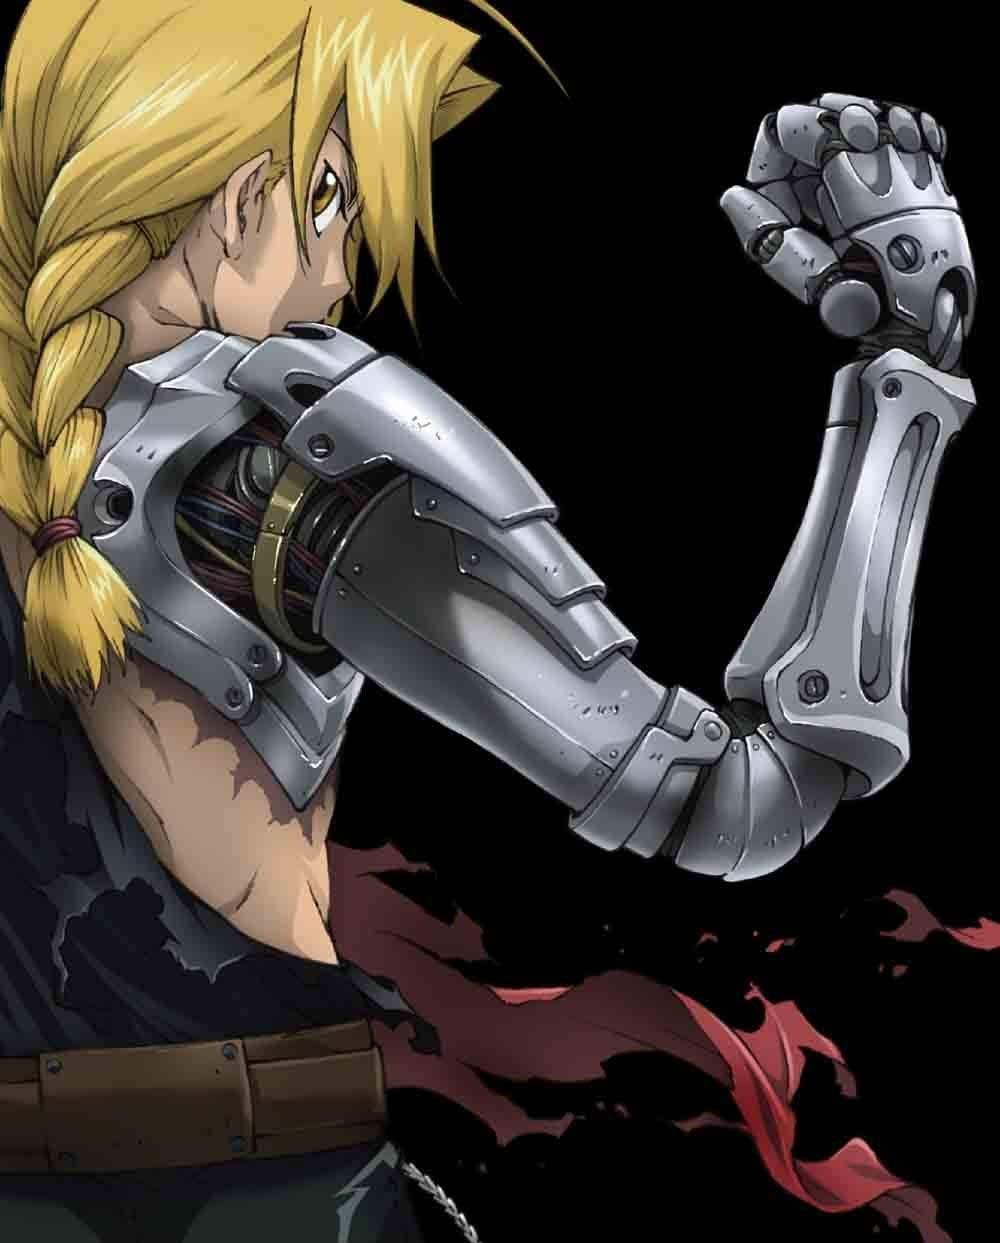 おすすめアニメ14『鋼の錬金術師』